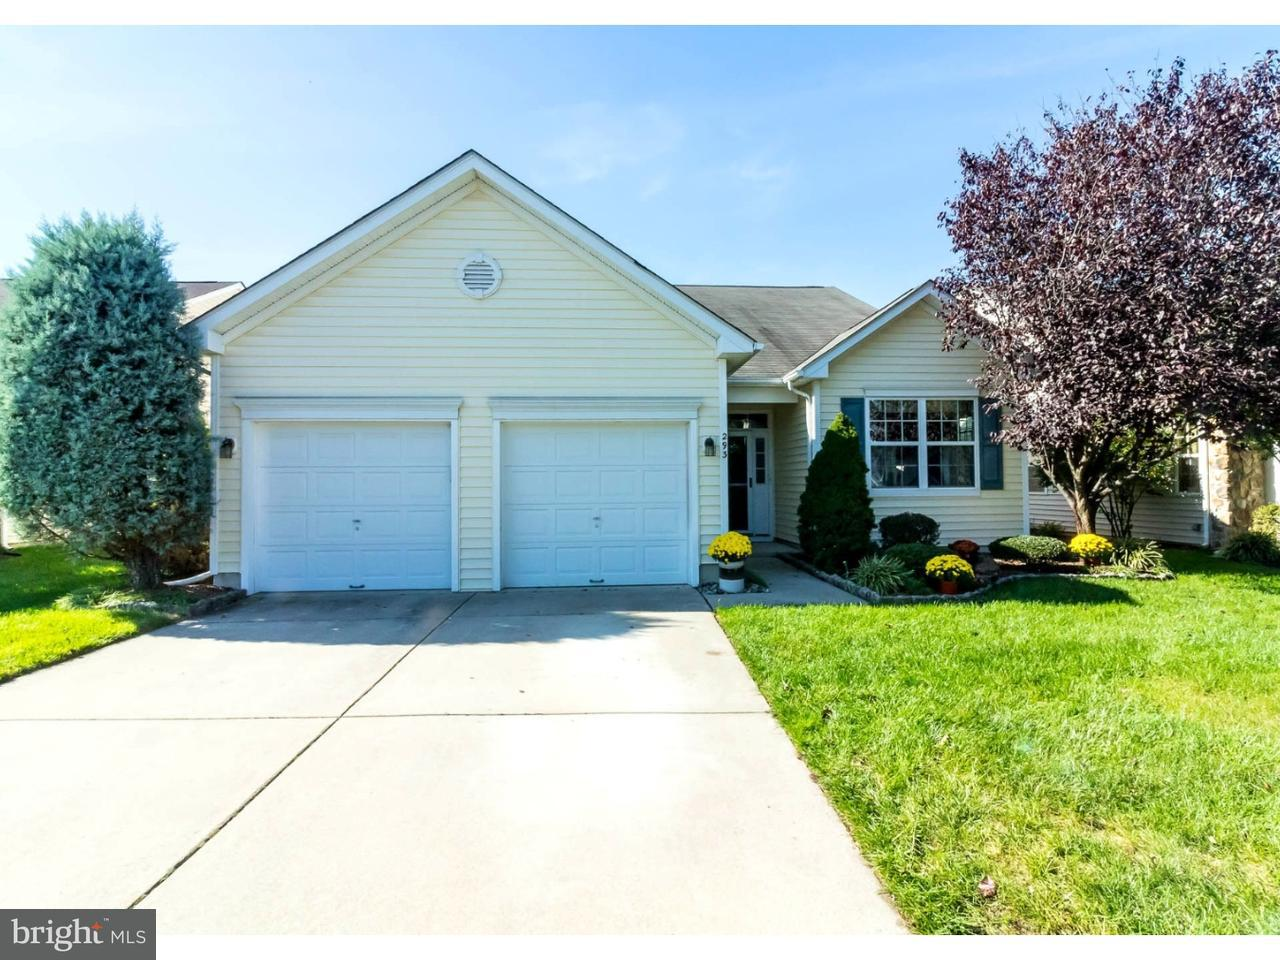 Casa Unifamiliar por un Venta en 293 NIGHT HAWK Circle Thorofare, Nueva Jersey 08086 Estados Unidos